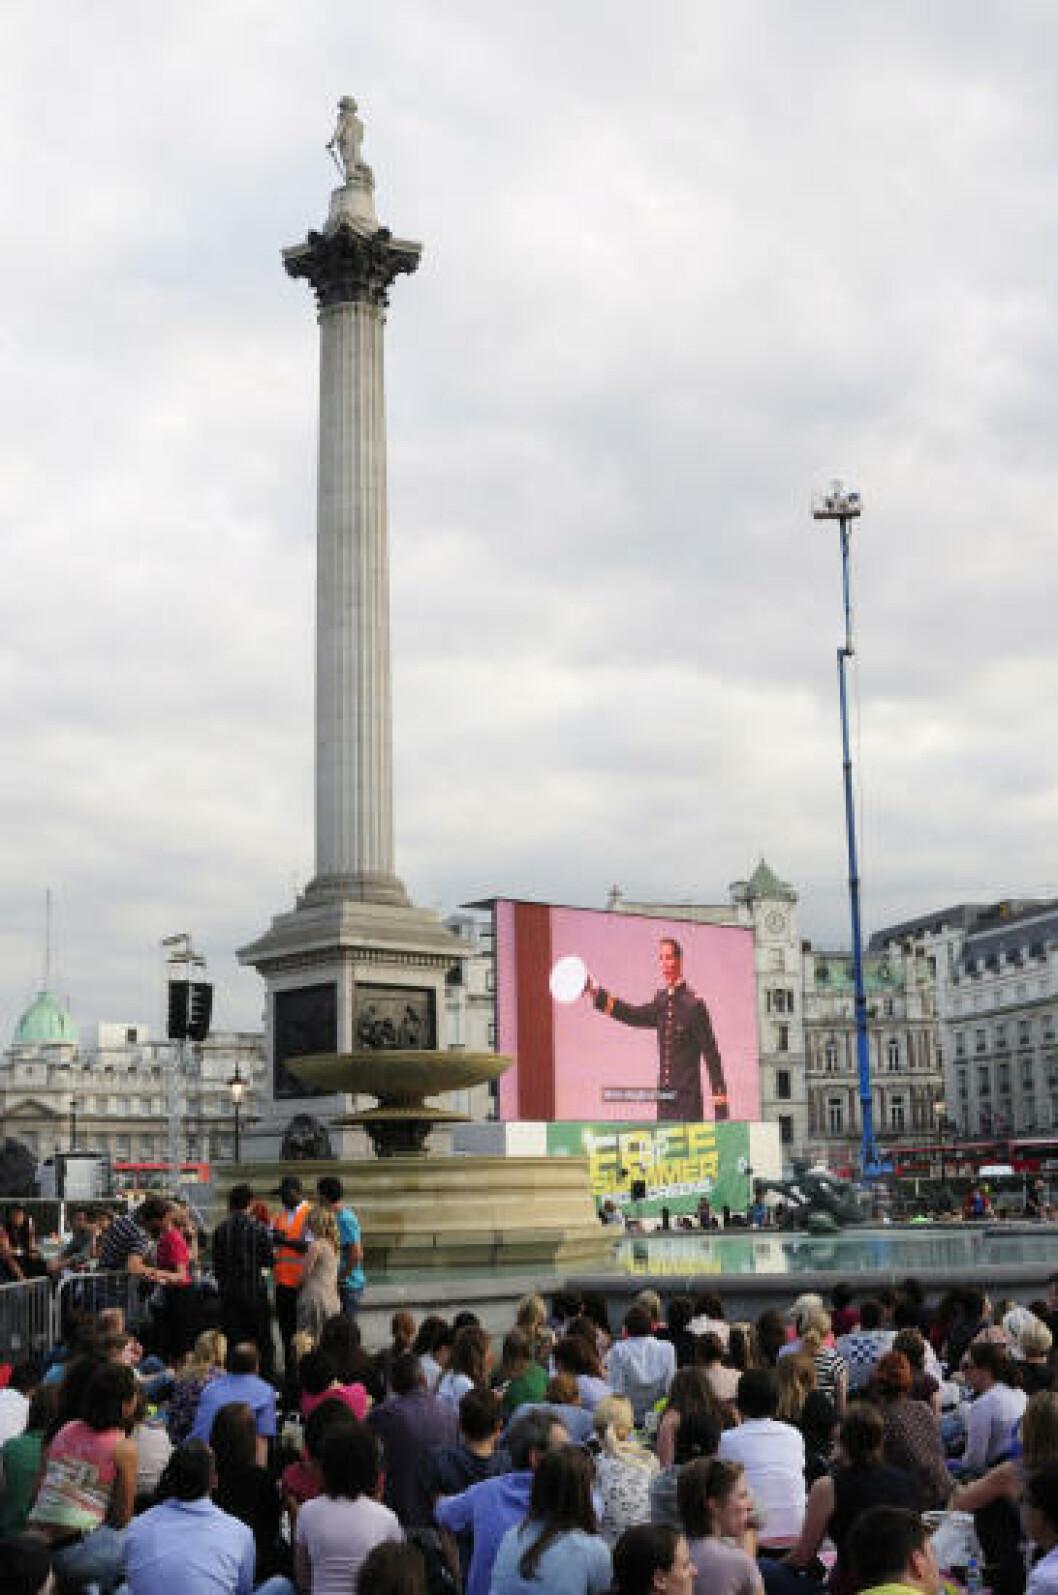 <strong>GRATIS PÅ TRAFALGAR SQUARE:</strong> Forestillinger fra Royal Opera House overført på storskjerm er et ettertraktet gratistilbud. Foto: MARIANNE WIE